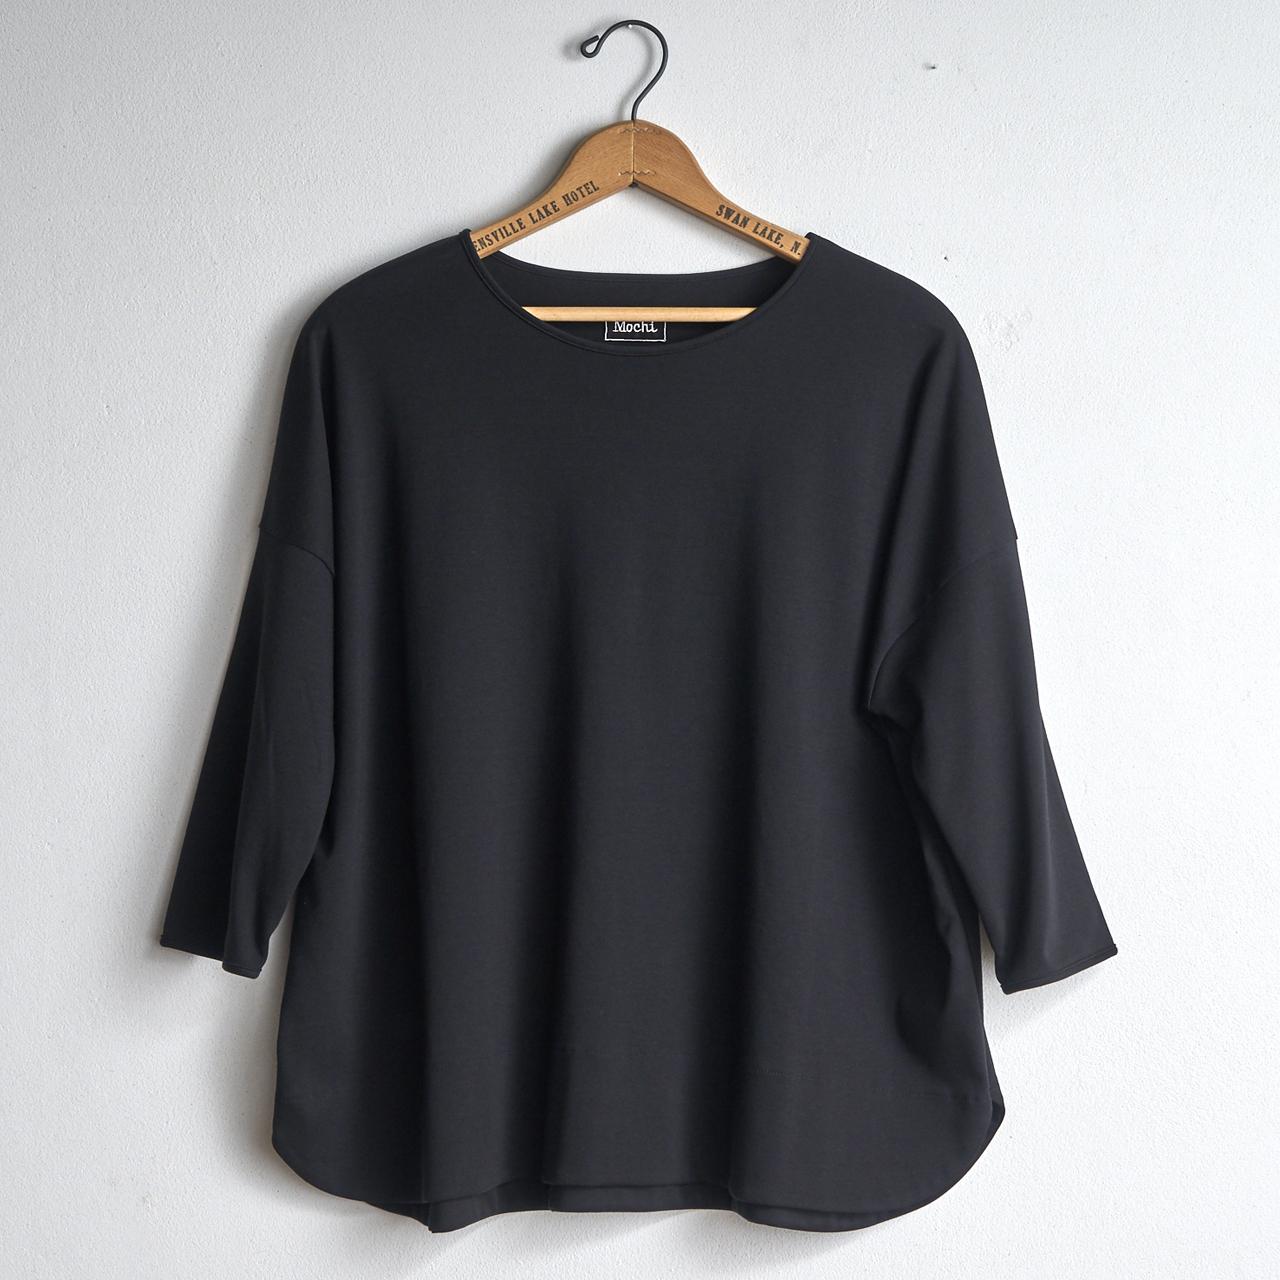 mochi モチ 超長綿Tシャツ ブラック suvin long sleeved t-shirt